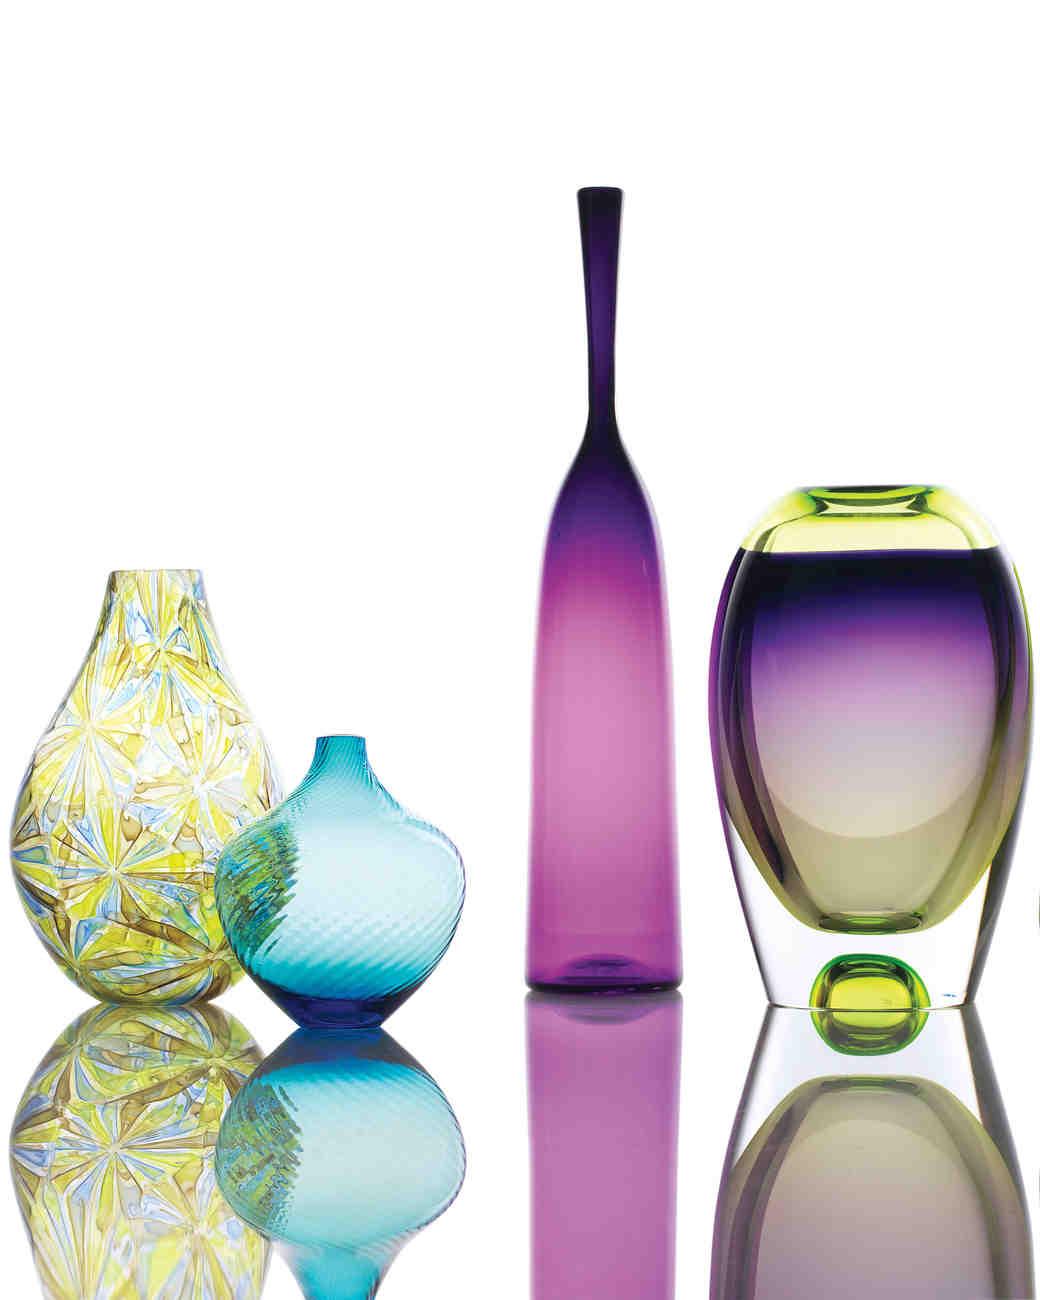 vases-0811mwd107436.jpg